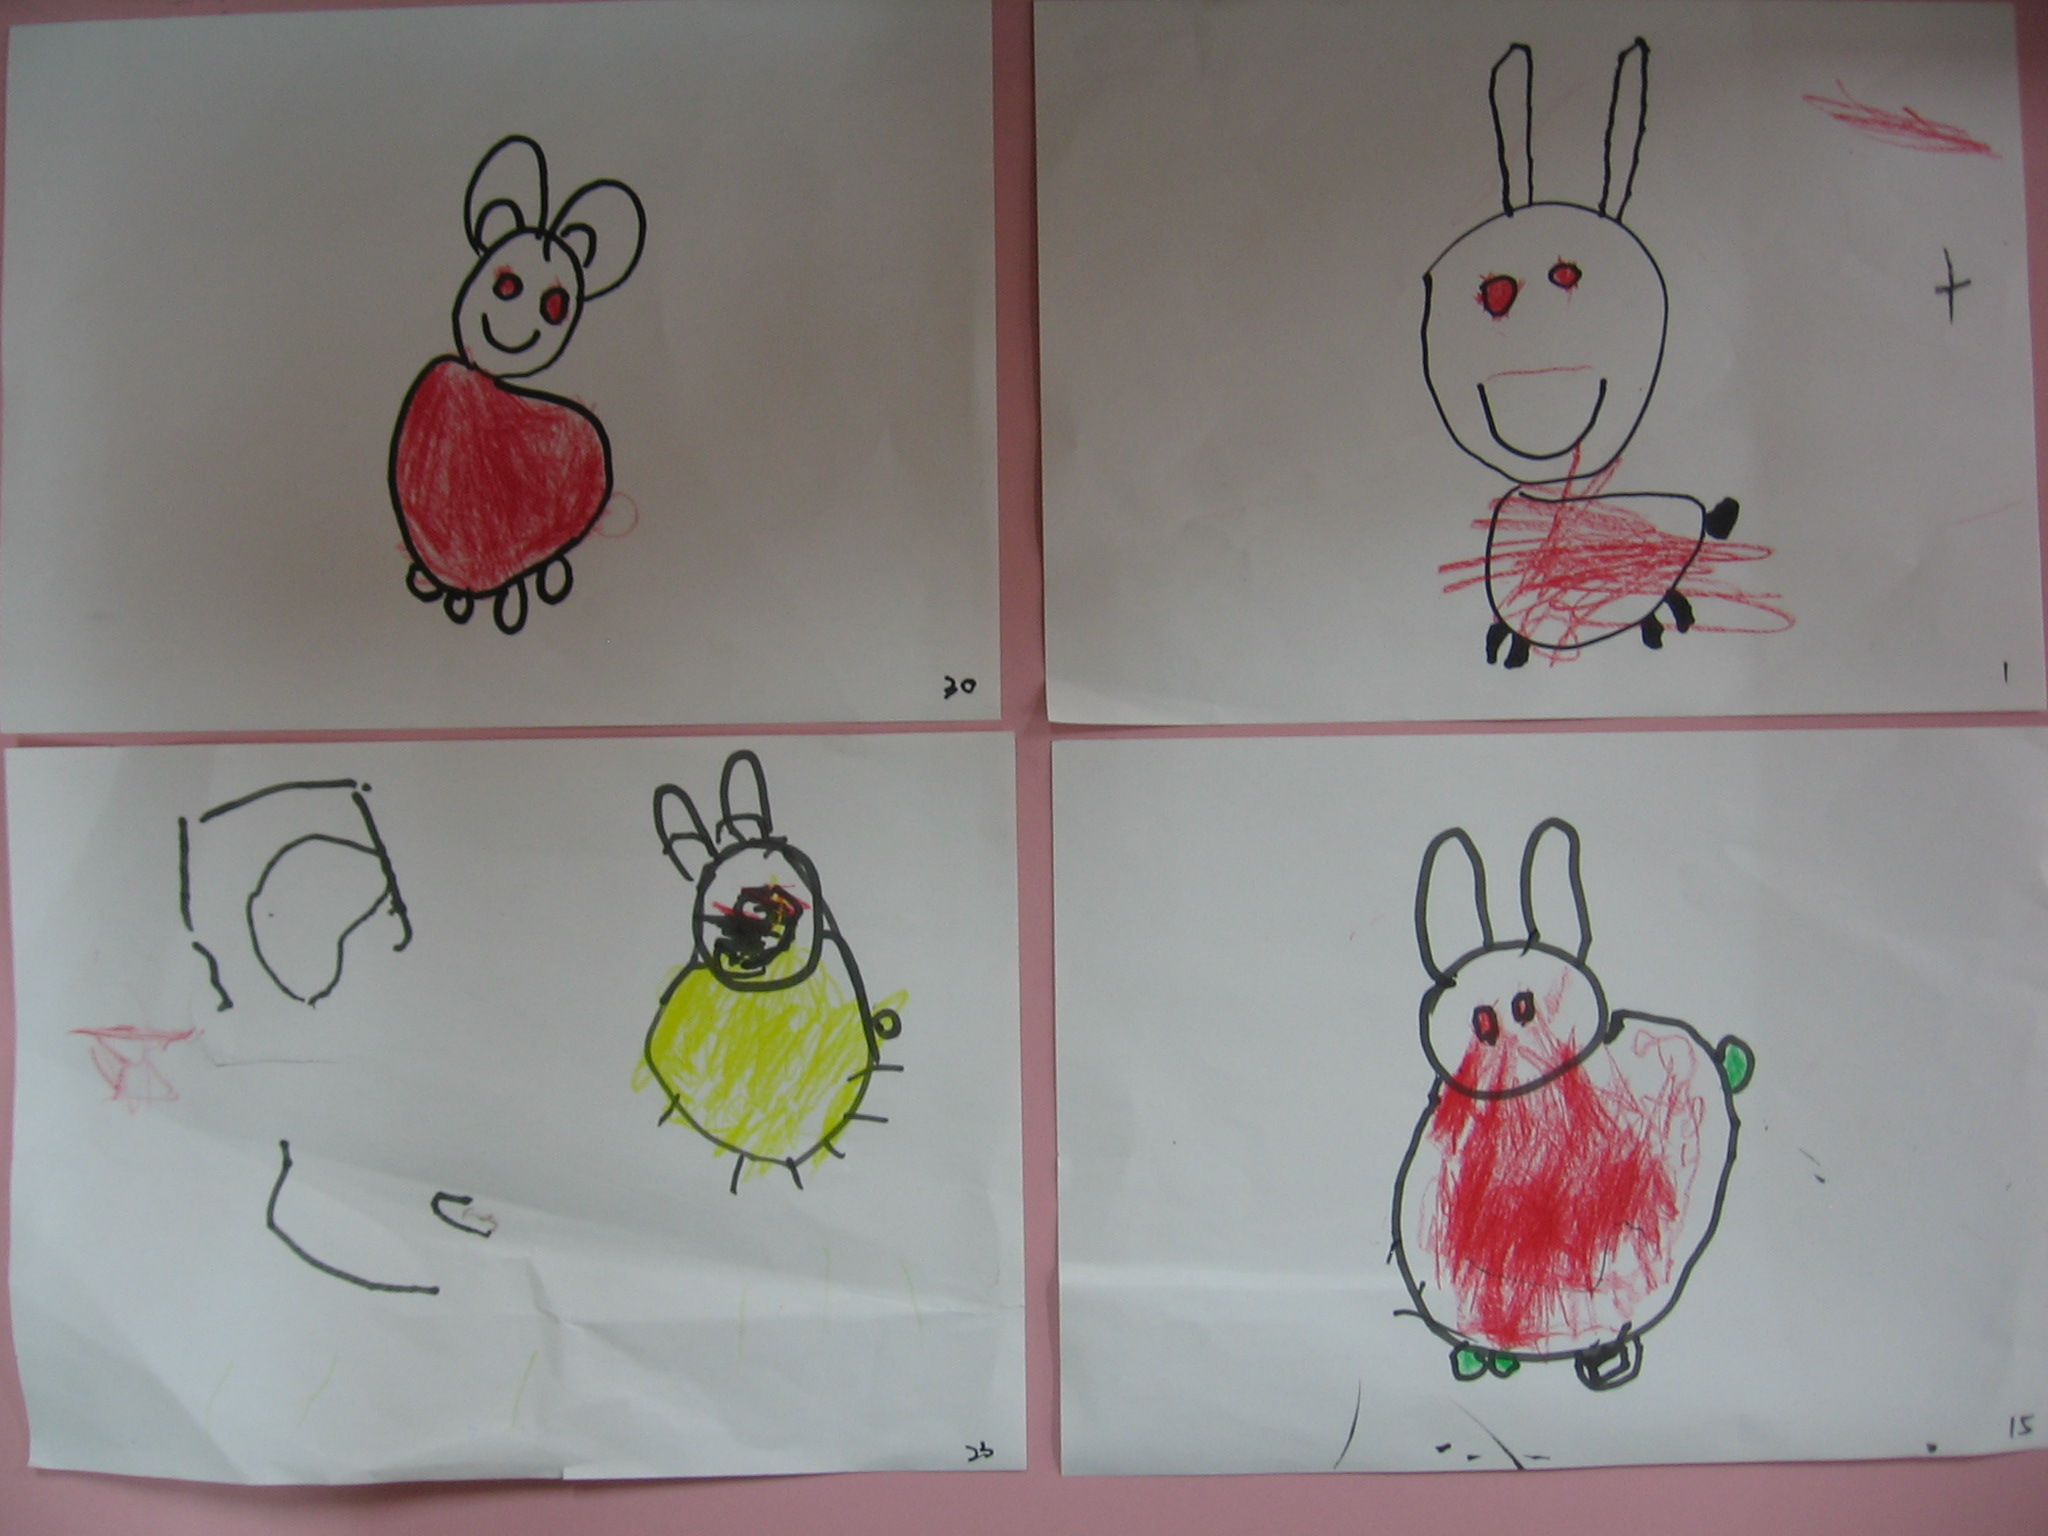 兔子动态图片可爱